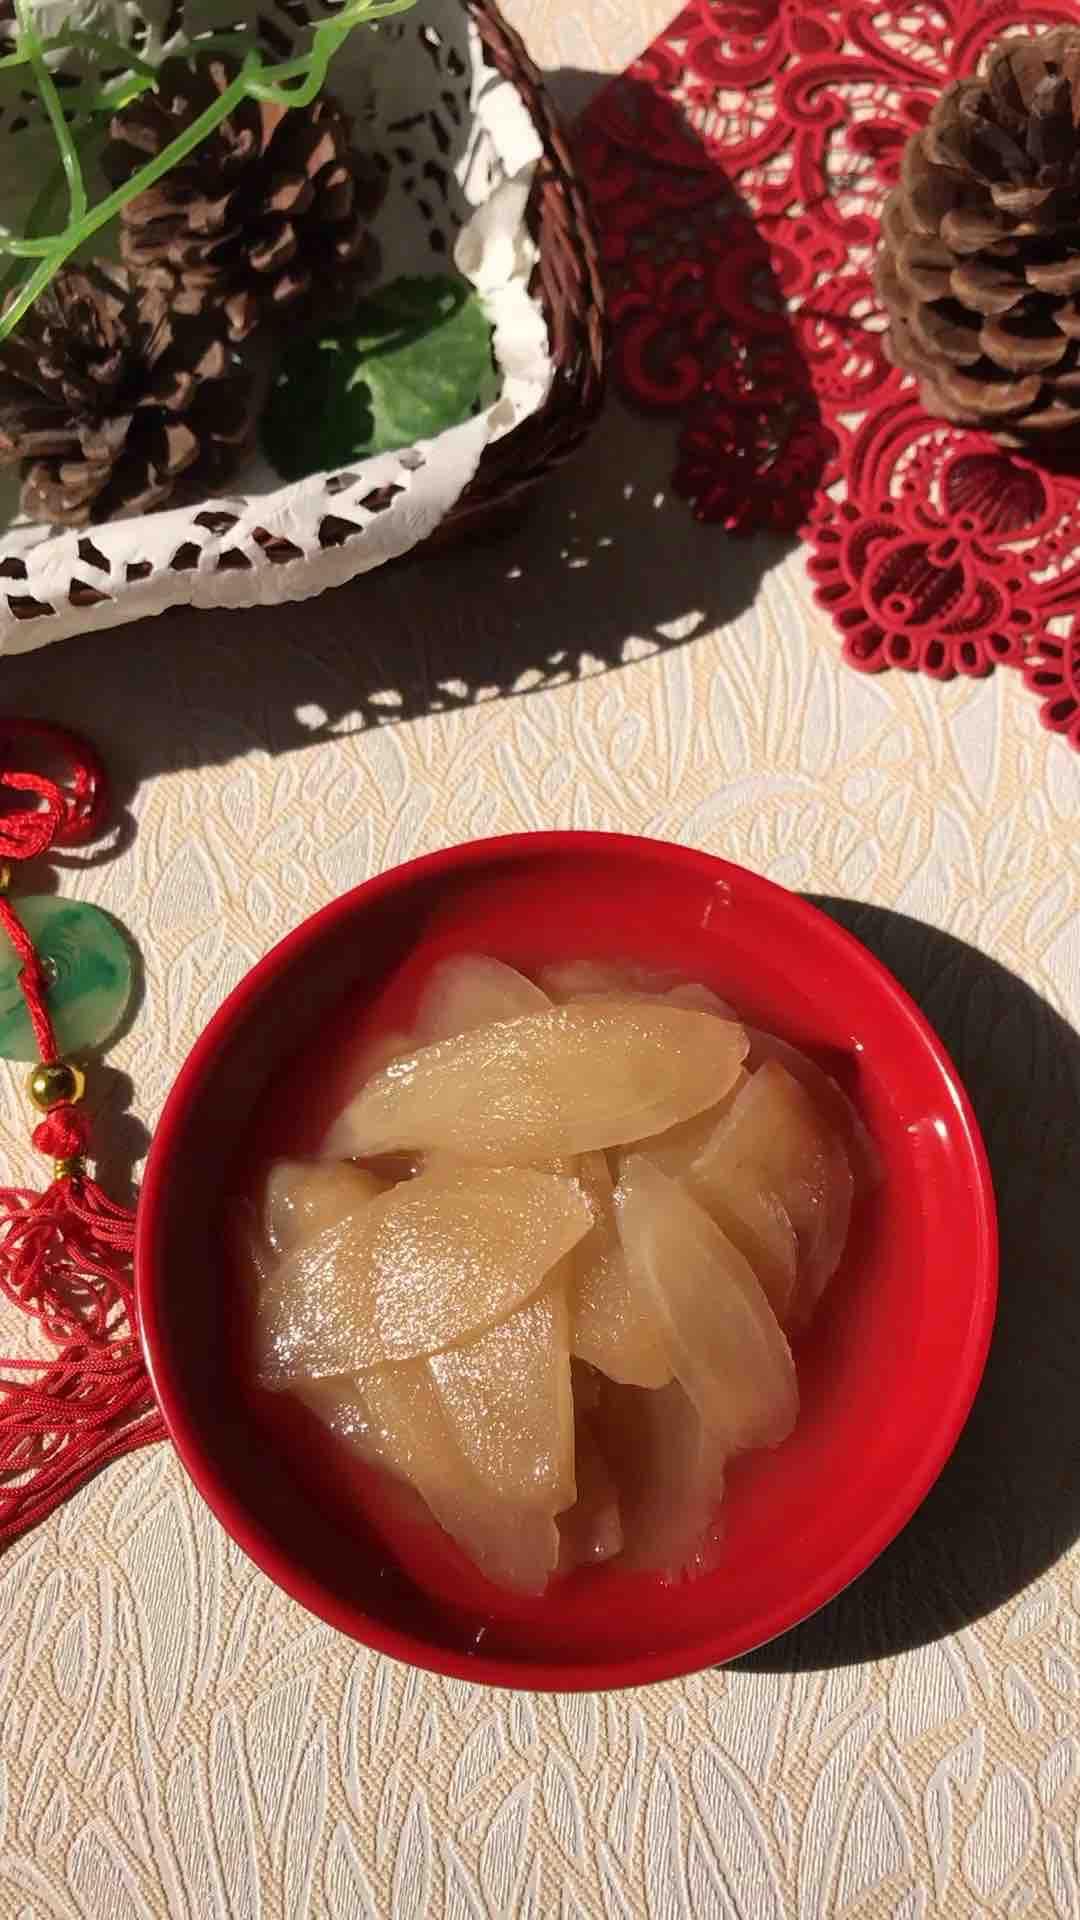 冰糖米醋姜片